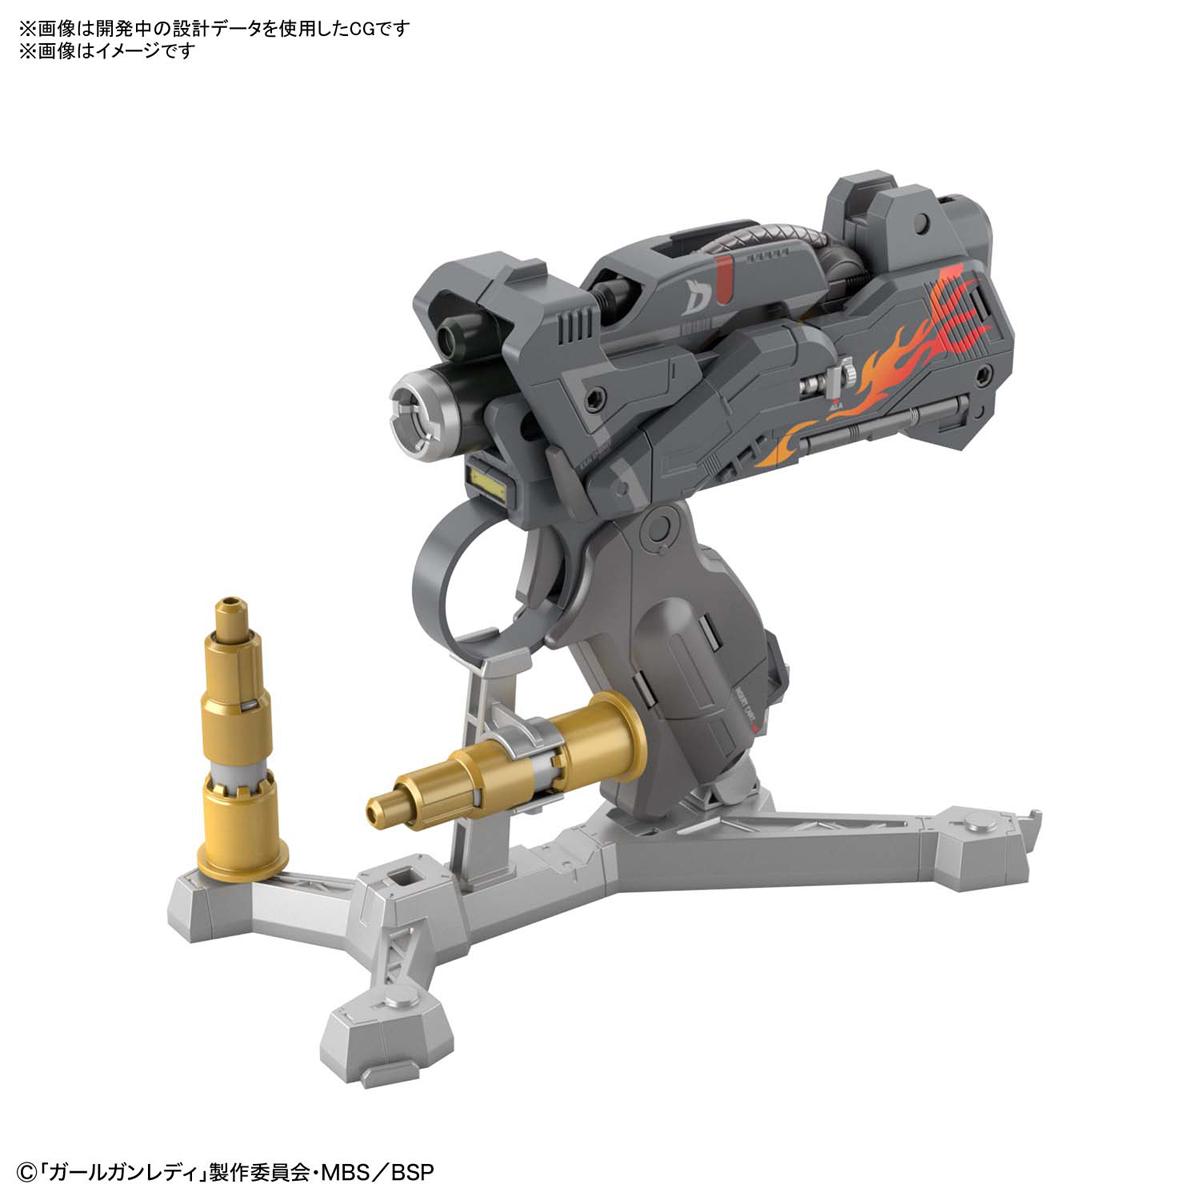 ガールガンレディ『アタックガールガン Ver.ブラボータンゴ 初回限定Ver.』GGL 1/1 プラモデル-009